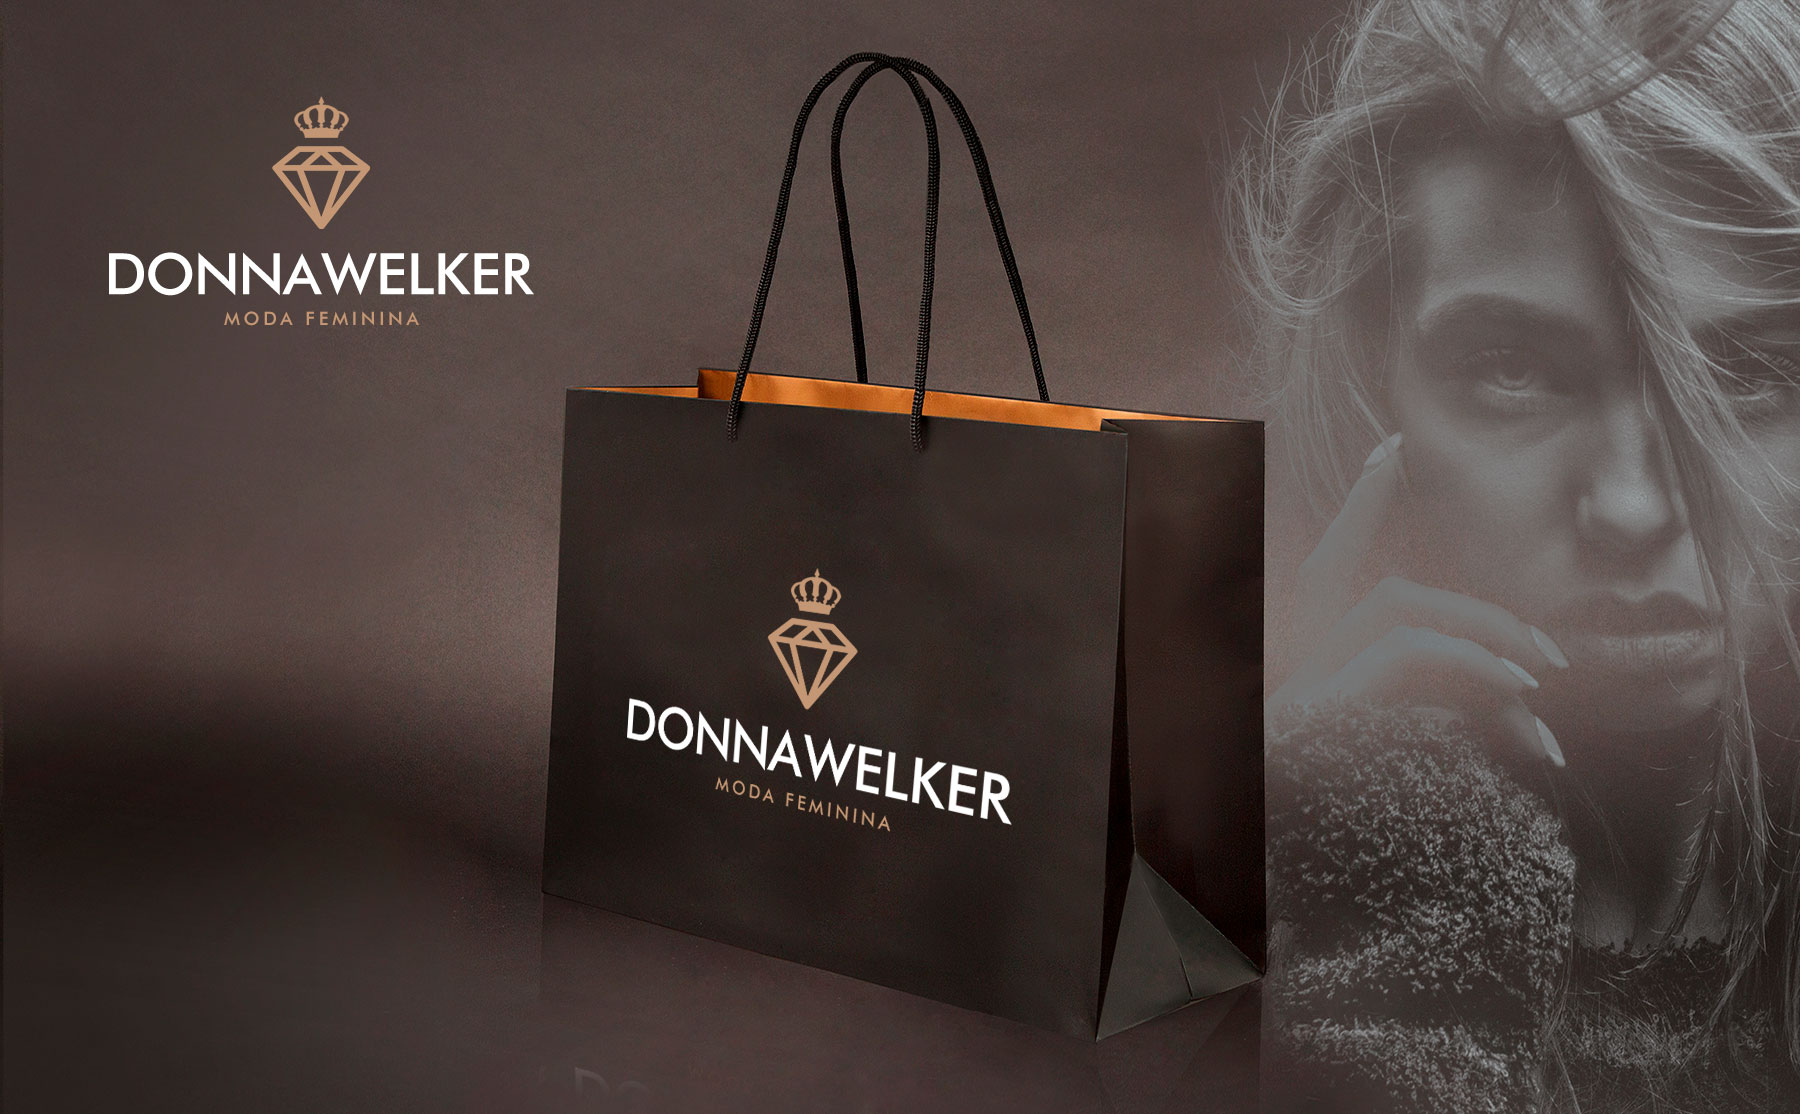 Donna Welker Moda Feminina - Criação de marca para loja feminina | Alexsandro Kingmaker